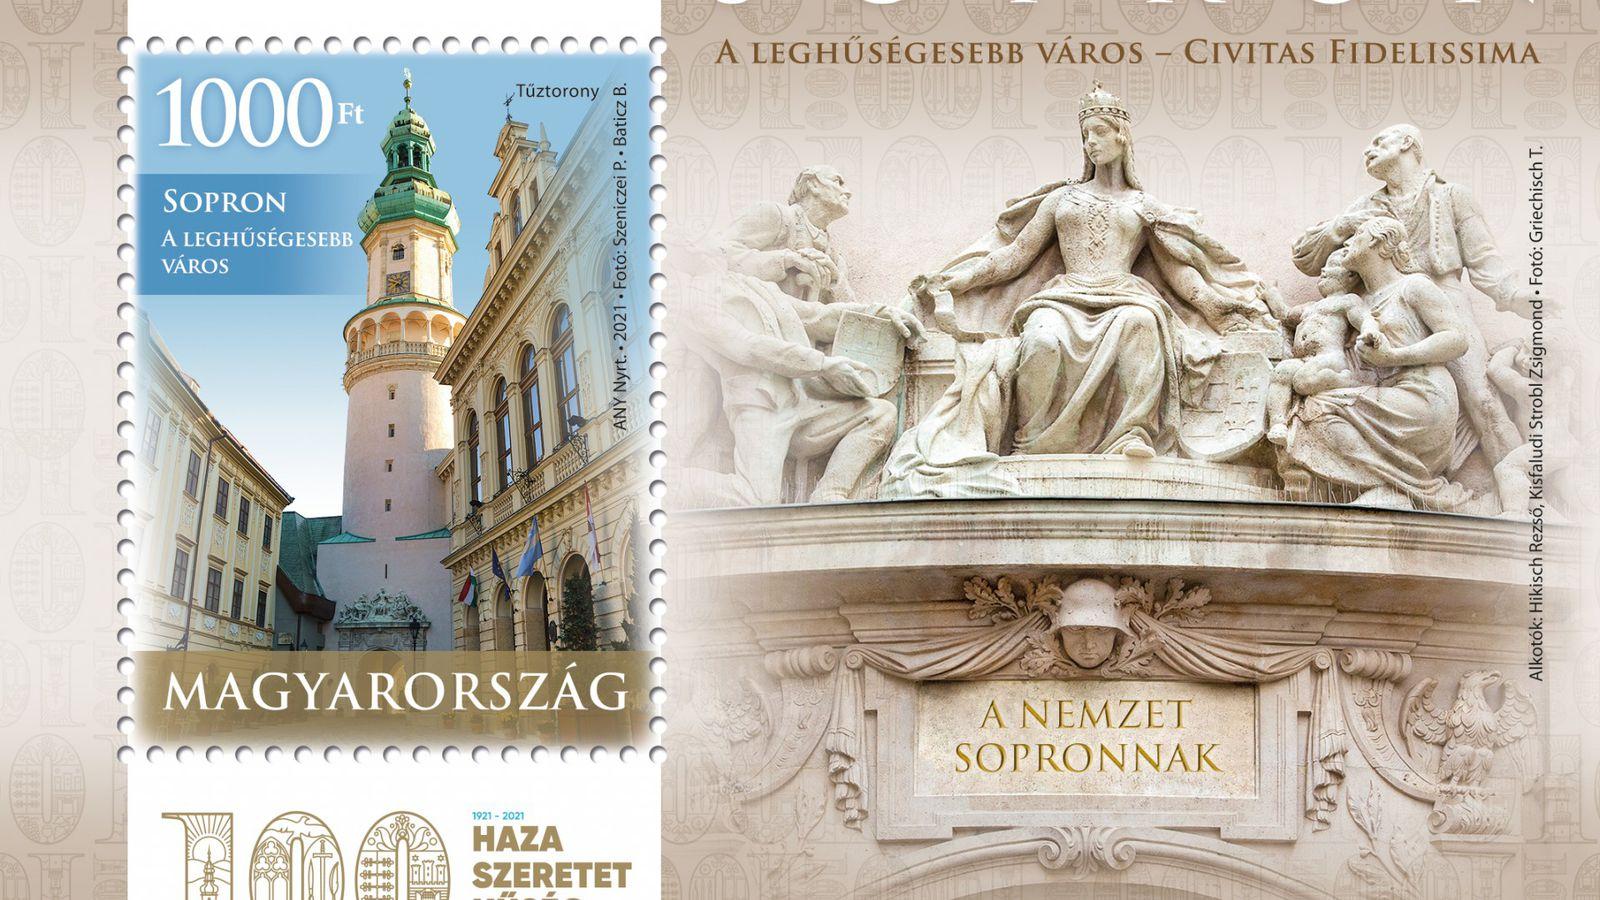 Emlékbélyeggel tiszteleg Sopron hűsége előtt a Magyar Posta